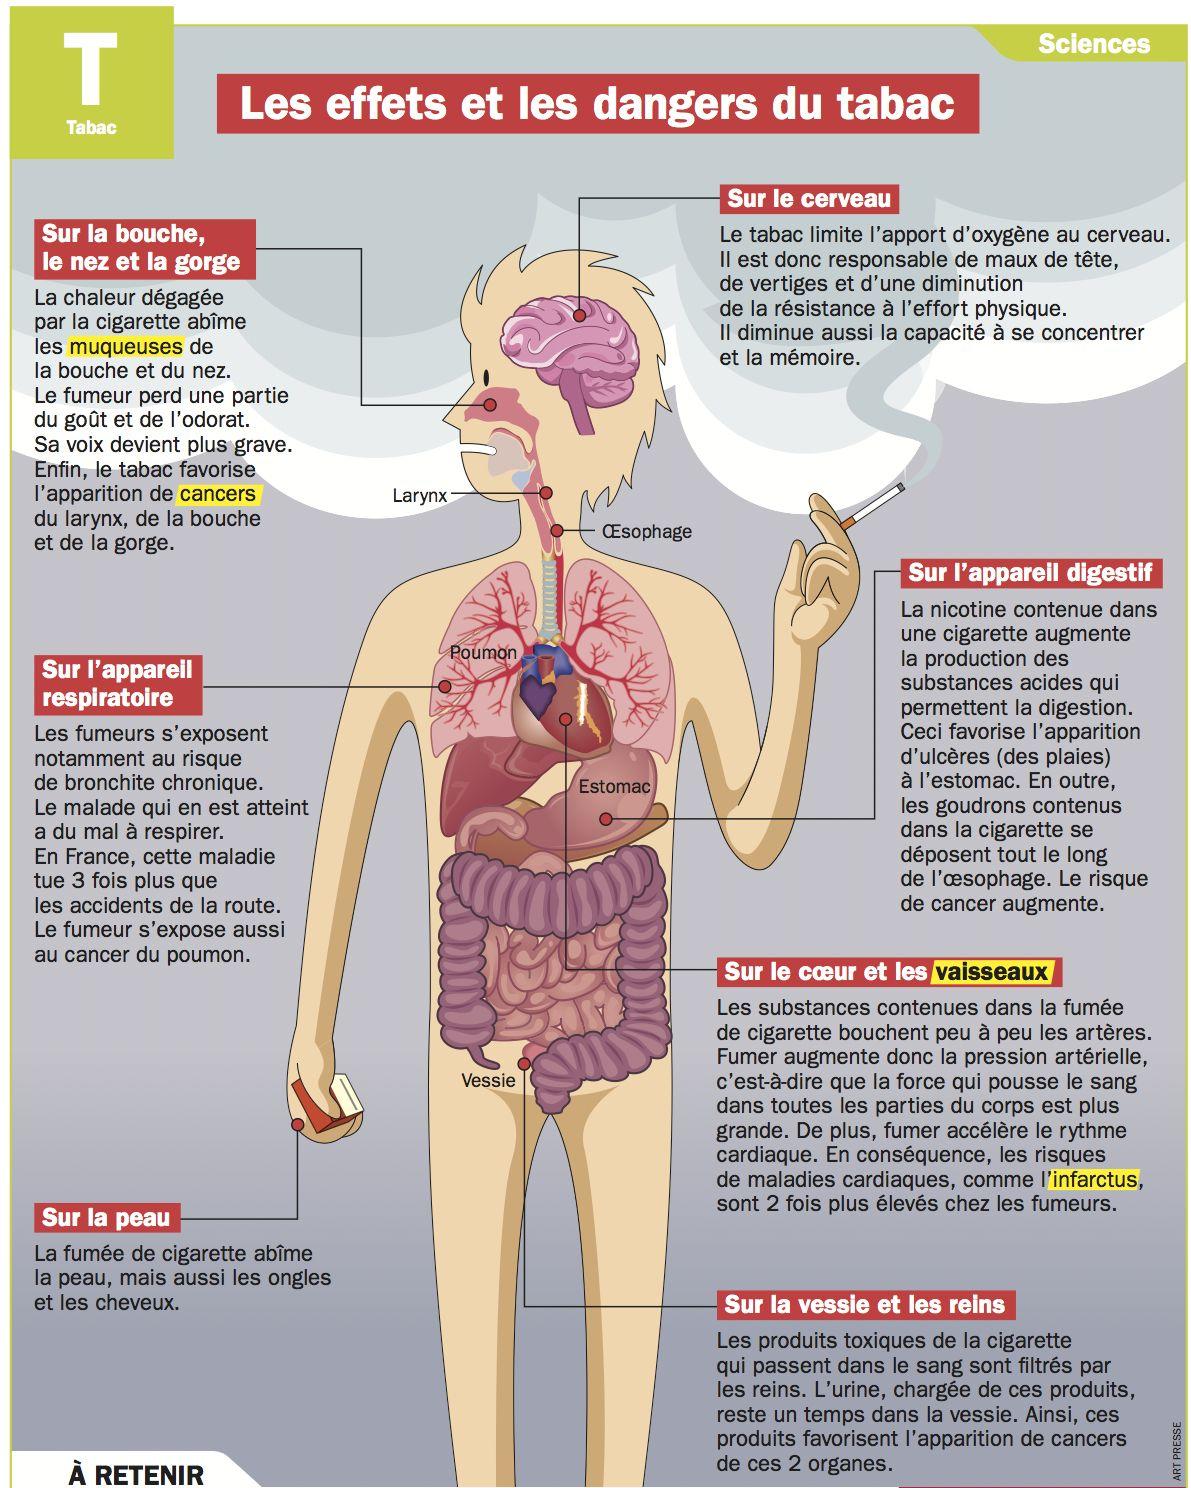 Les effets et les dangers du tabac | Les dangers du tabac